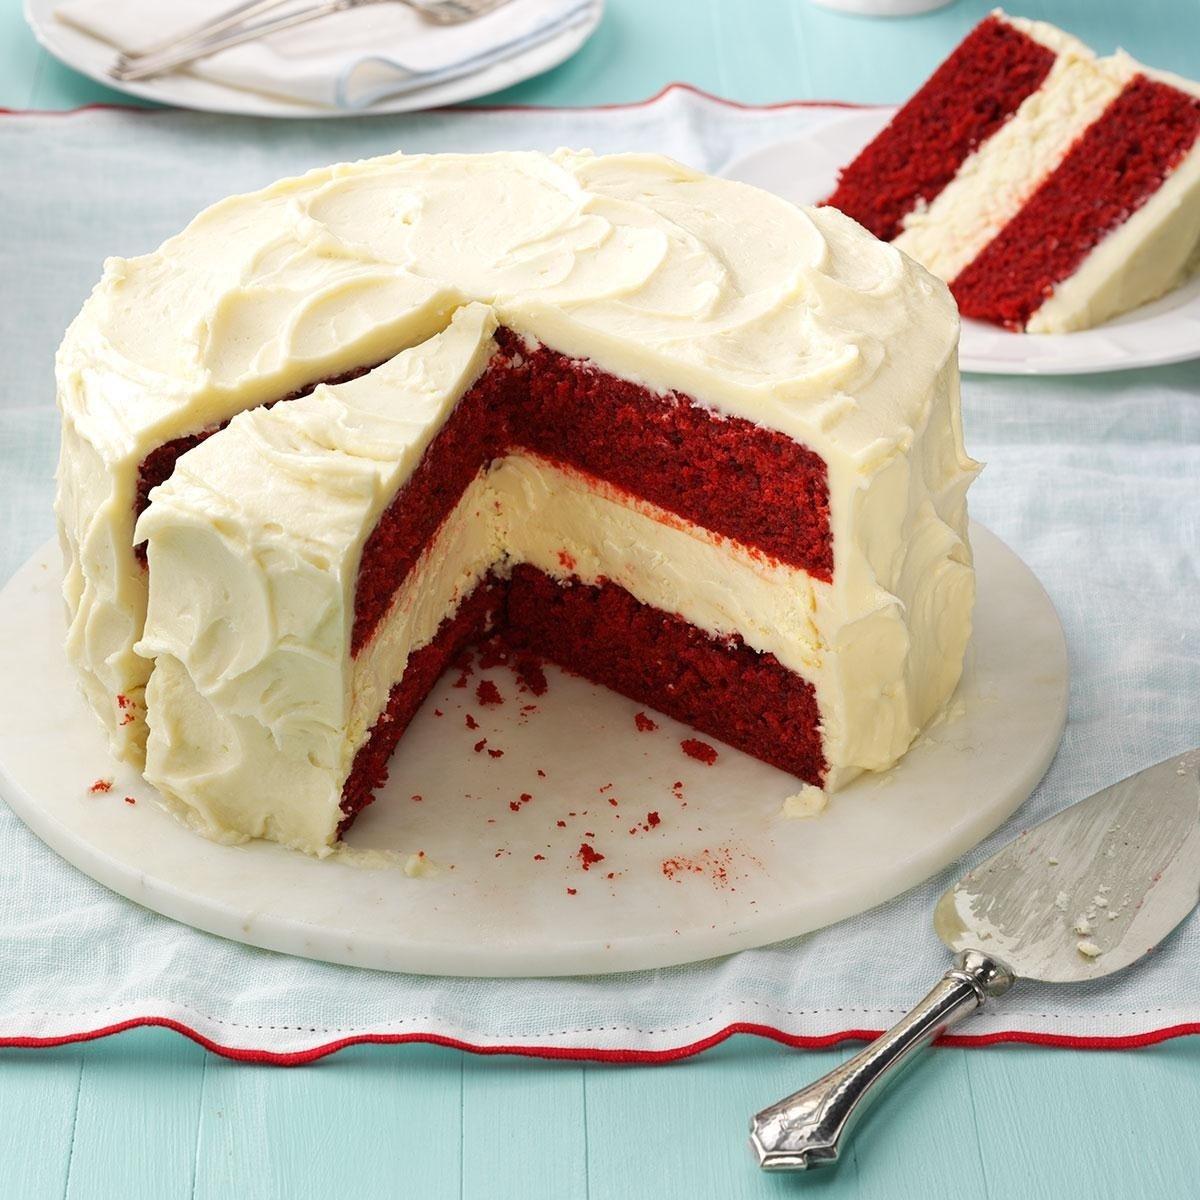 10 Famous Red Velvet Cake Filling Ideas cheesecake layered red velvet cake recipe taste of home 2020